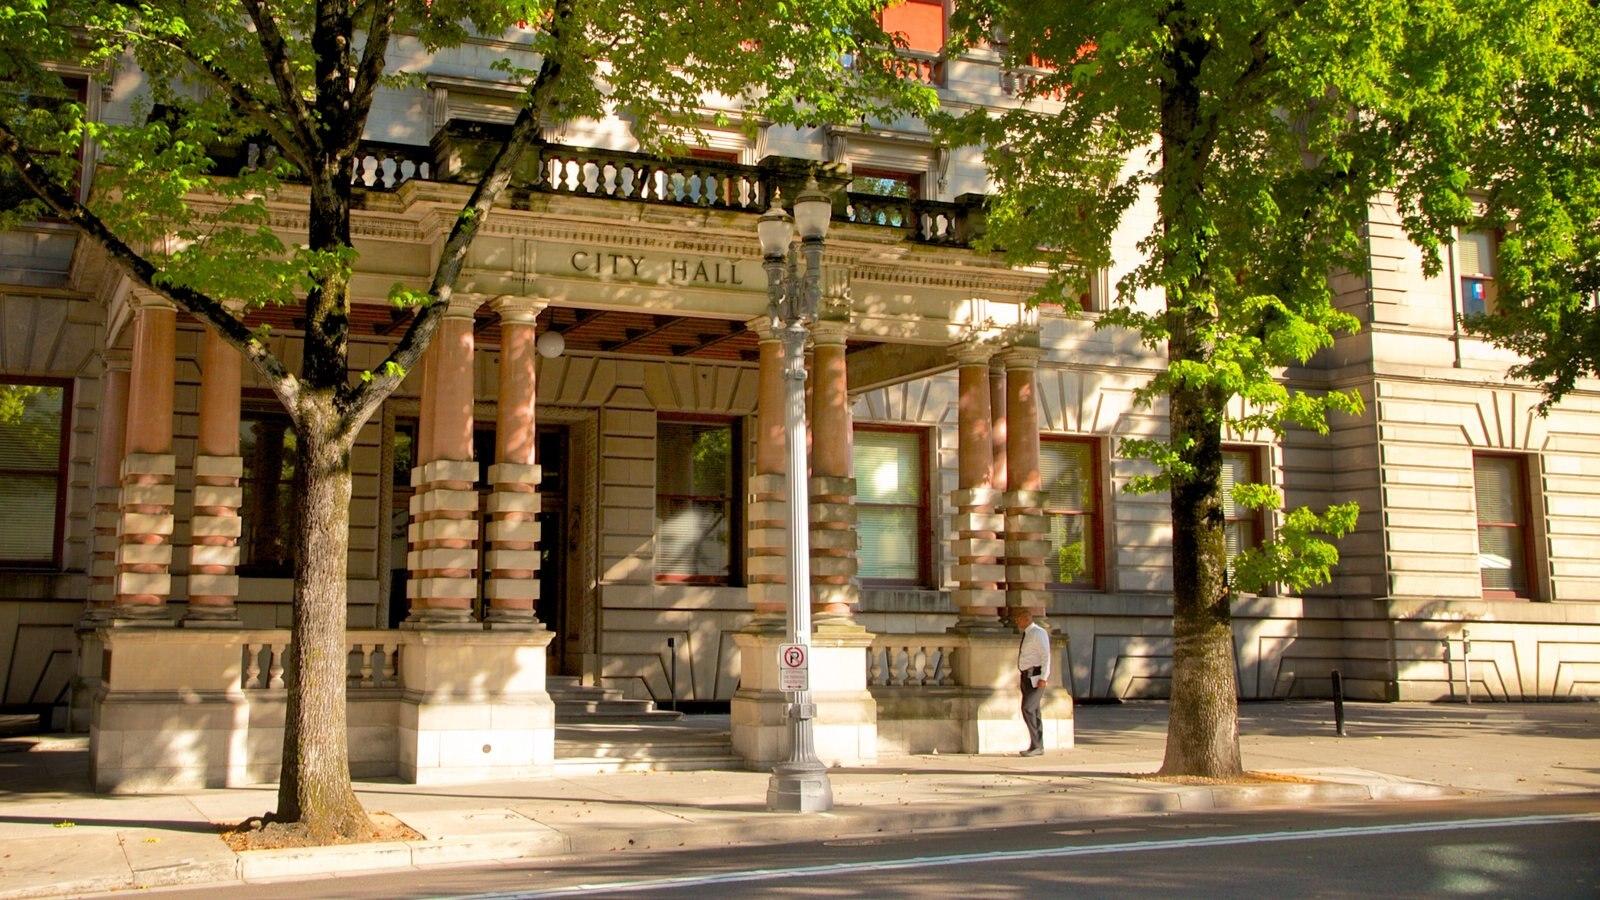 Portland City Hall ofreciendo patrimonio de arquitectura y un edificio administrativo